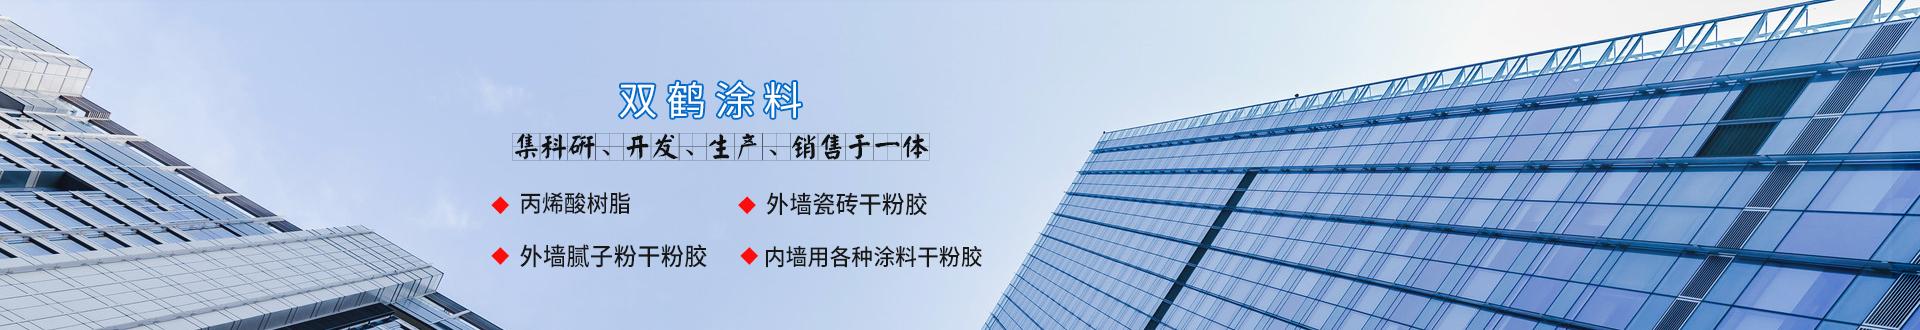 http://www.shuanghetuliao.com/data/images/slide/20191016110159_734.jpg